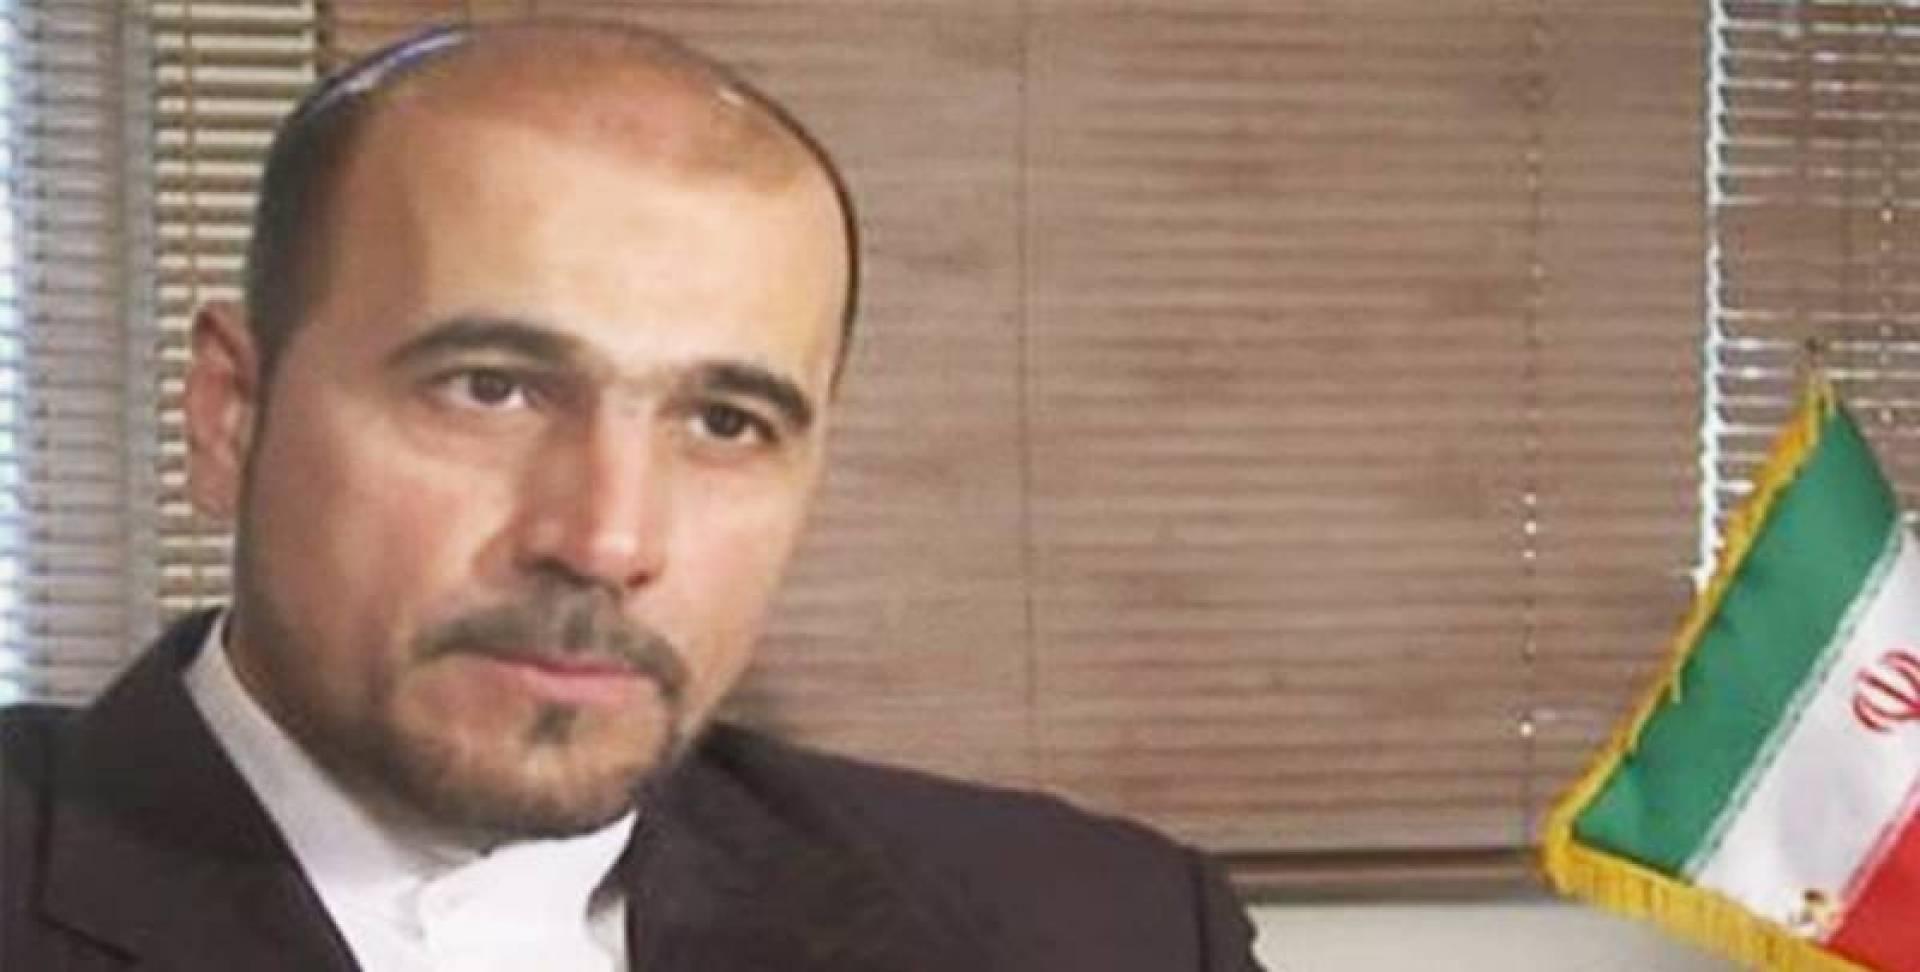 سياسي إيراني يشن هجوما على وزير الخارجية العراقي تعقيبا على مؤتمره الصحفي مع الصفدي